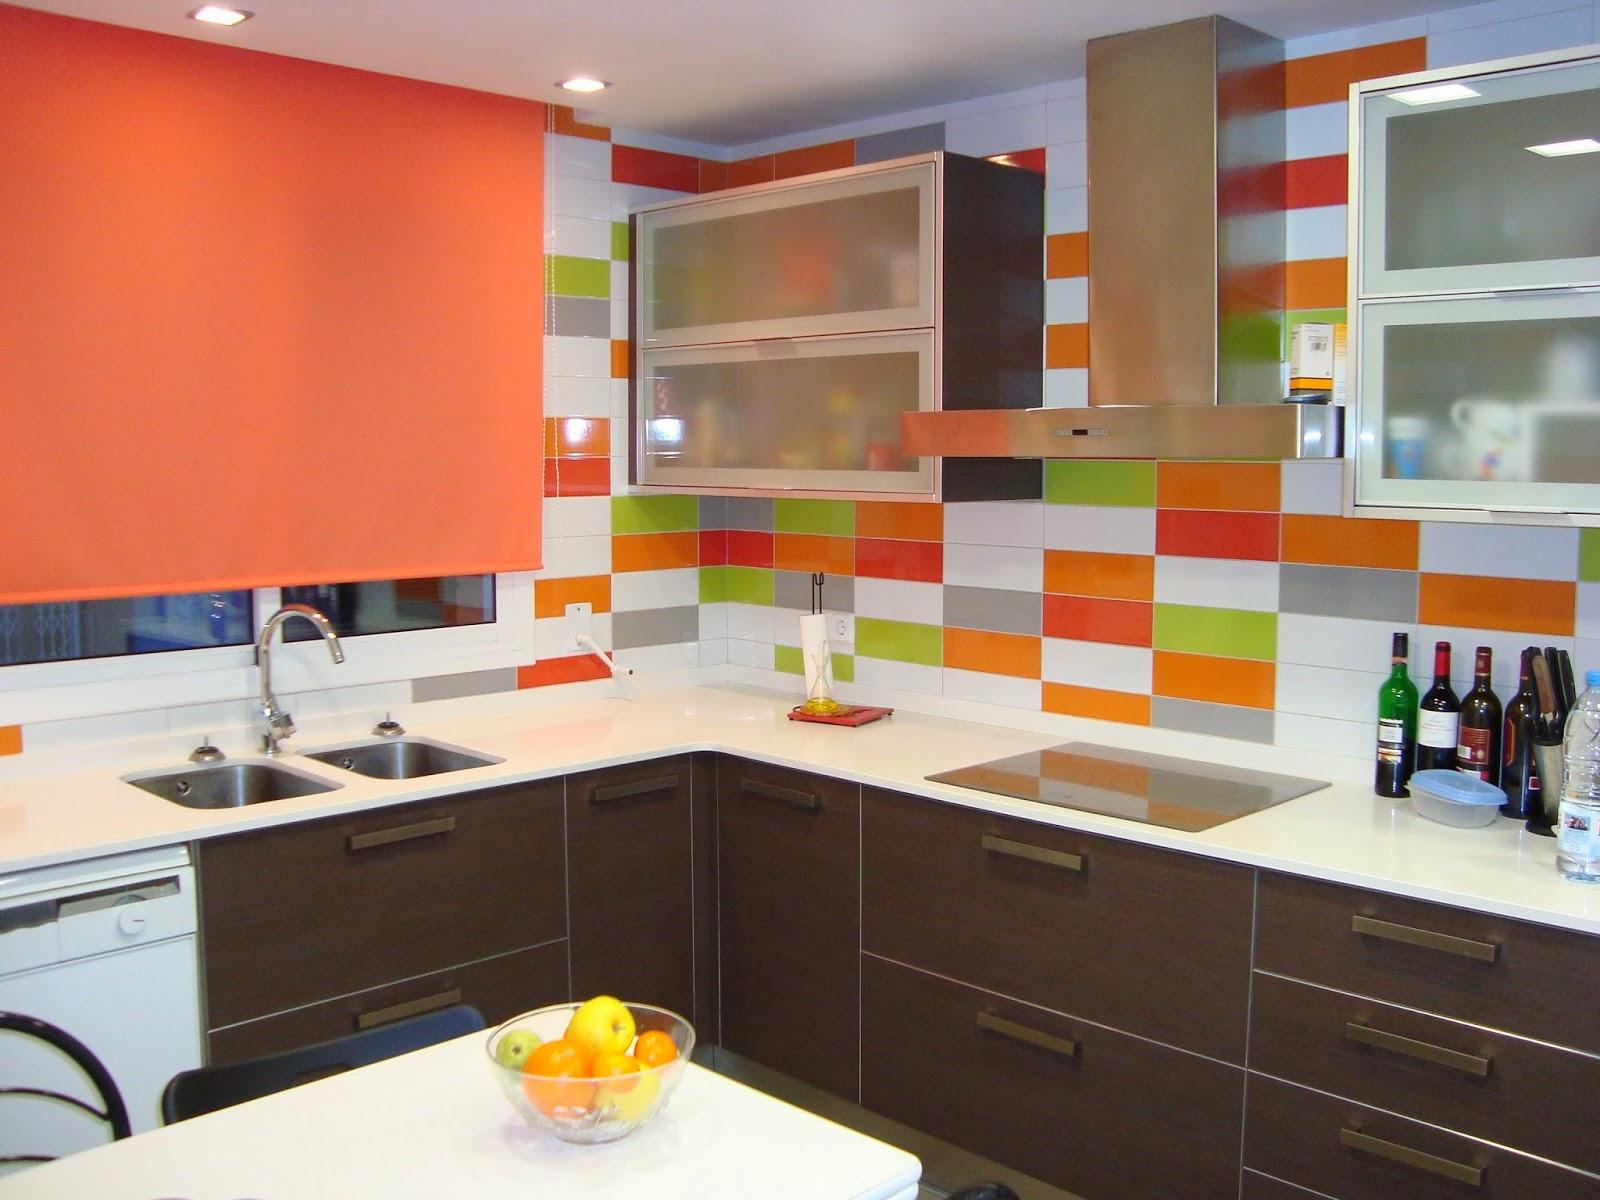 Cocinas de obra modernas cocina cocina cambiar los - Cambiar azulejos cocina ...